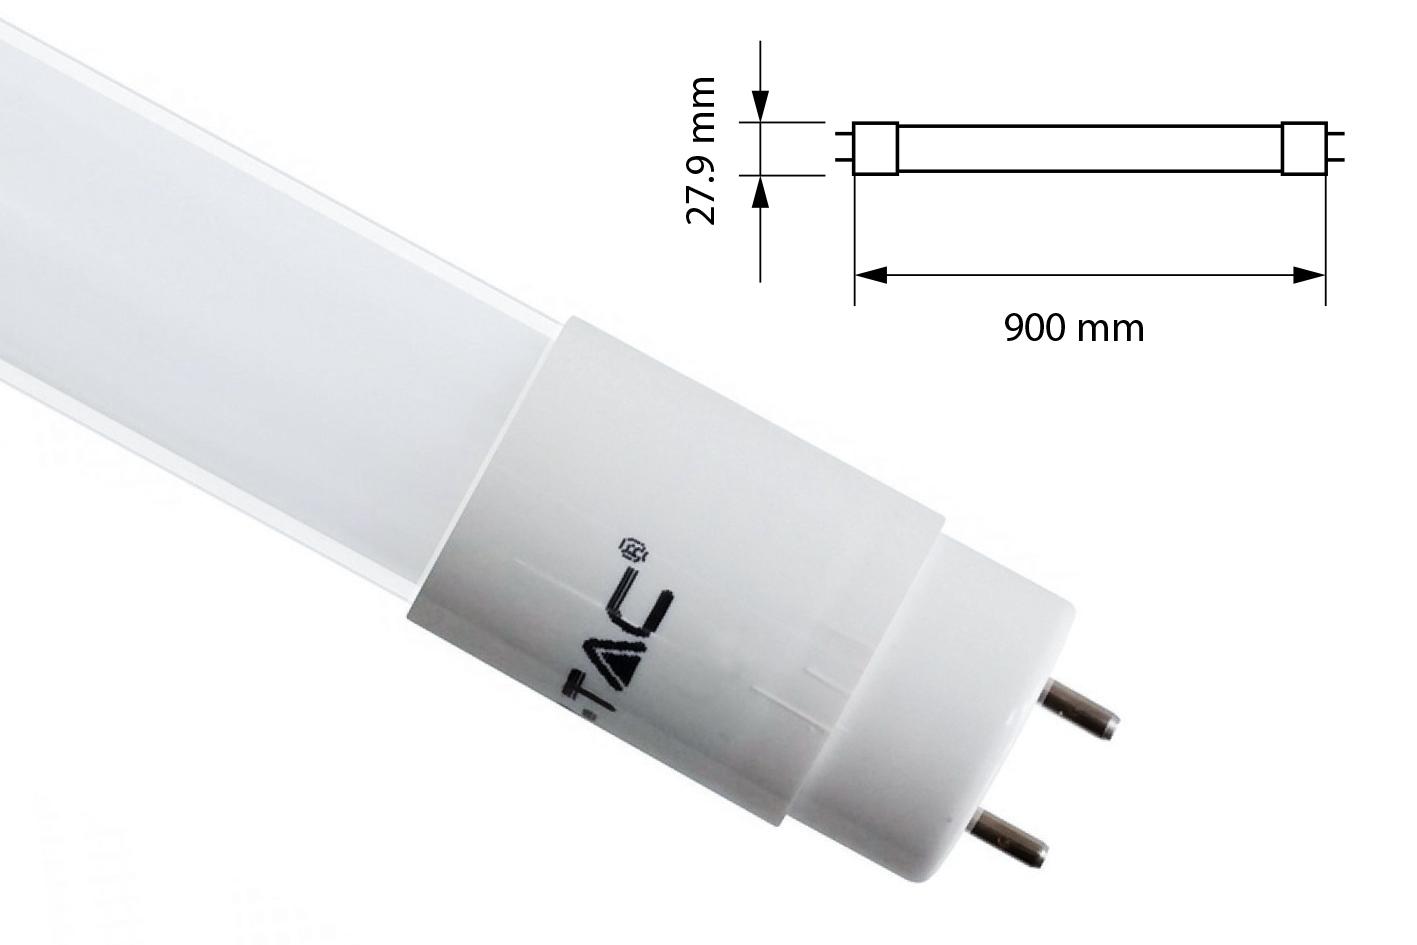 Plafoniera Con Reattore Elettronico : Tubo led t8 g13 90cm 14w bianco freddo alimentazione da un lato